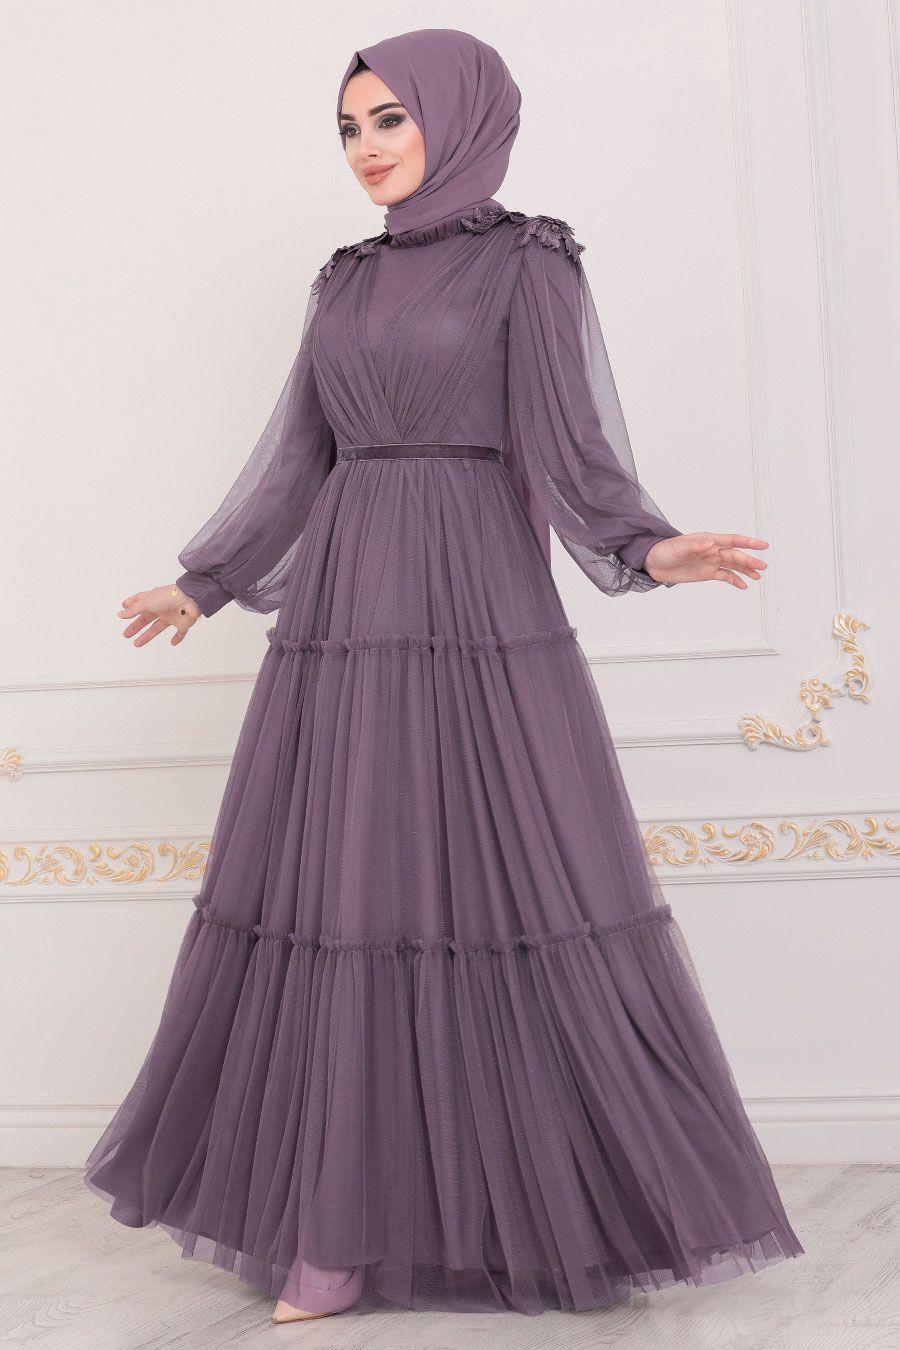 Tesetturlu Abiye Elbise Omuzlari Detayli Koyu Lila Tesettur Abiye Elbise 4072klila Tesetturisland Com 2020 Islami Giyim Elbise Ziyafet Elbiseler